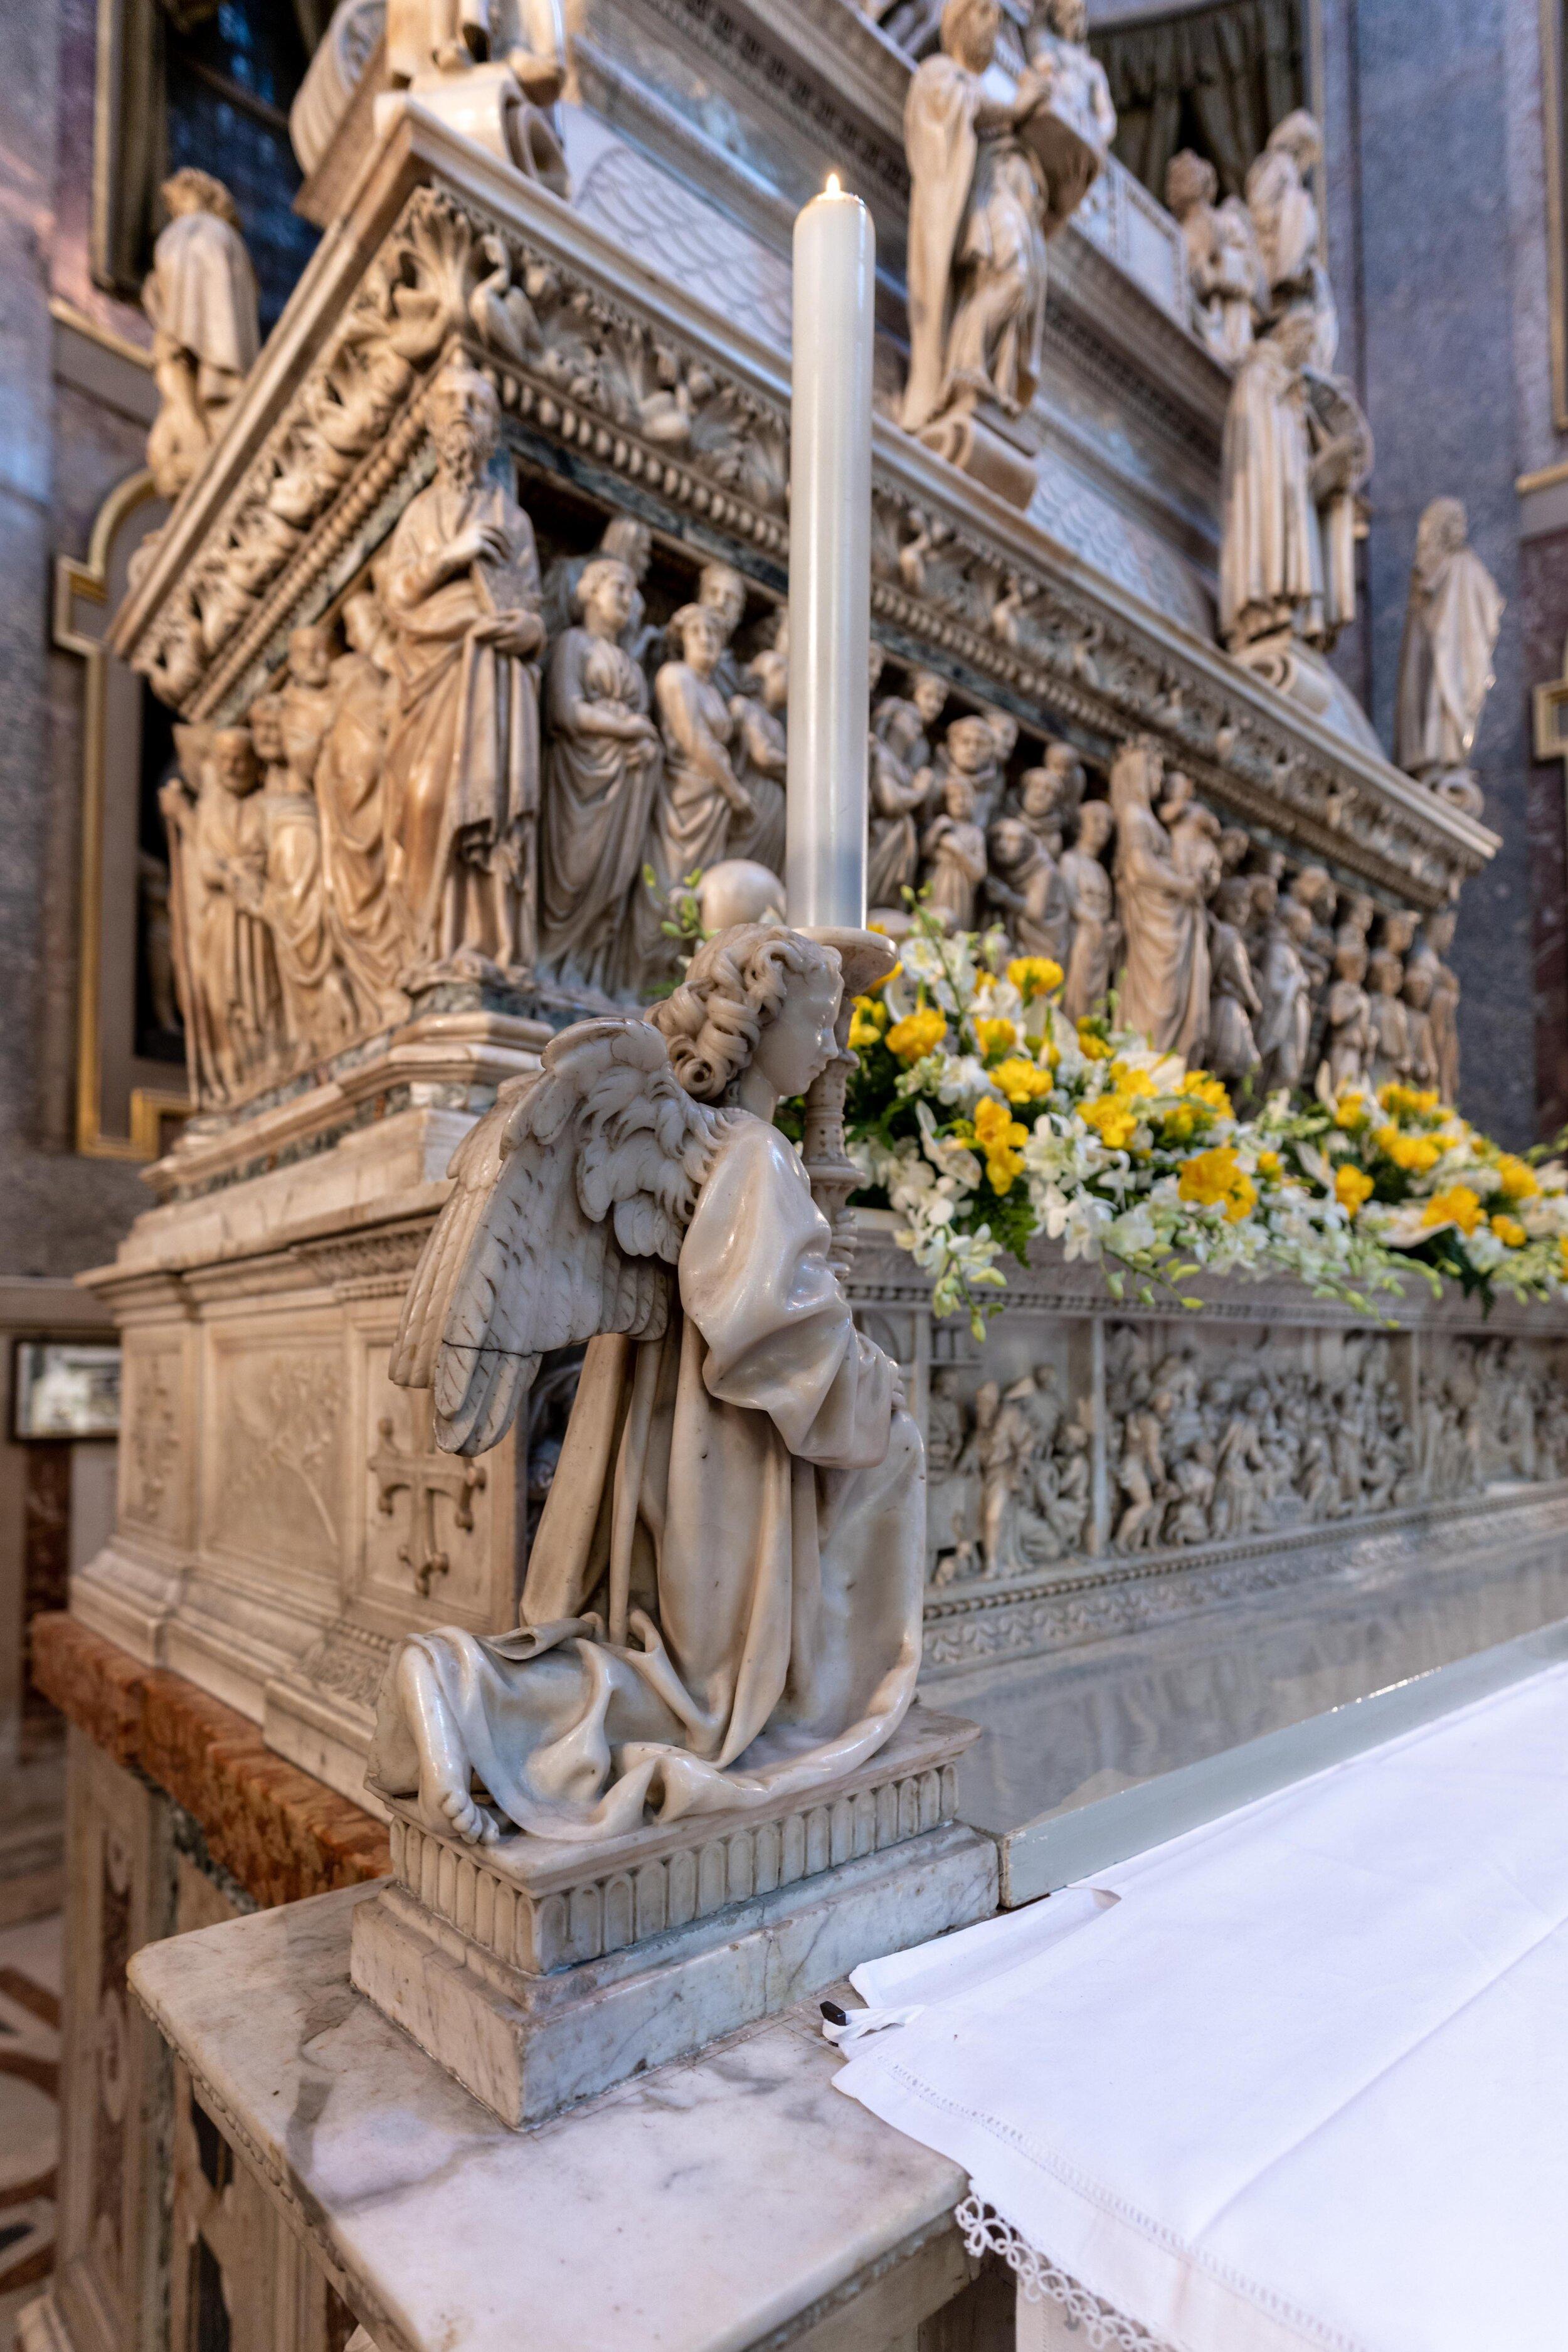 bologna st dominic michelangelo carvings (2).jpg